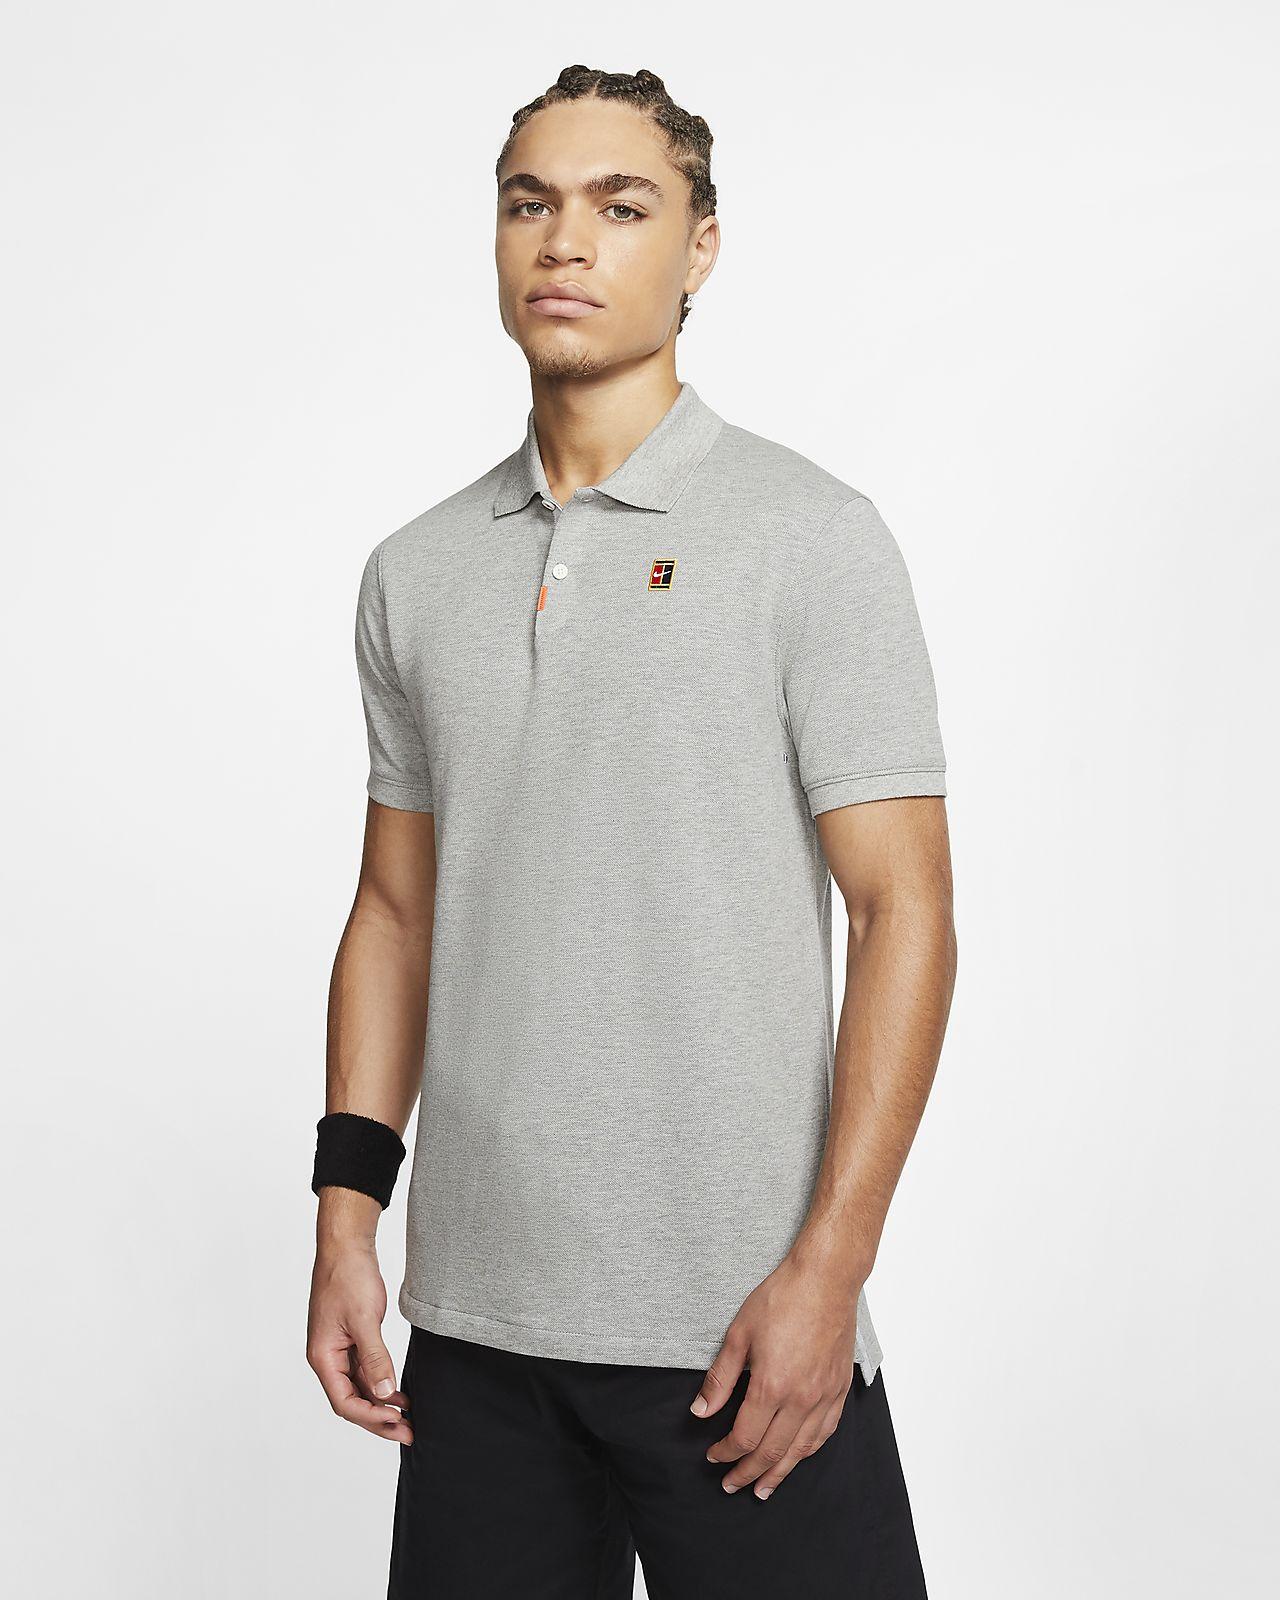 Polo Slim Fit The Nike Polo - Uomo